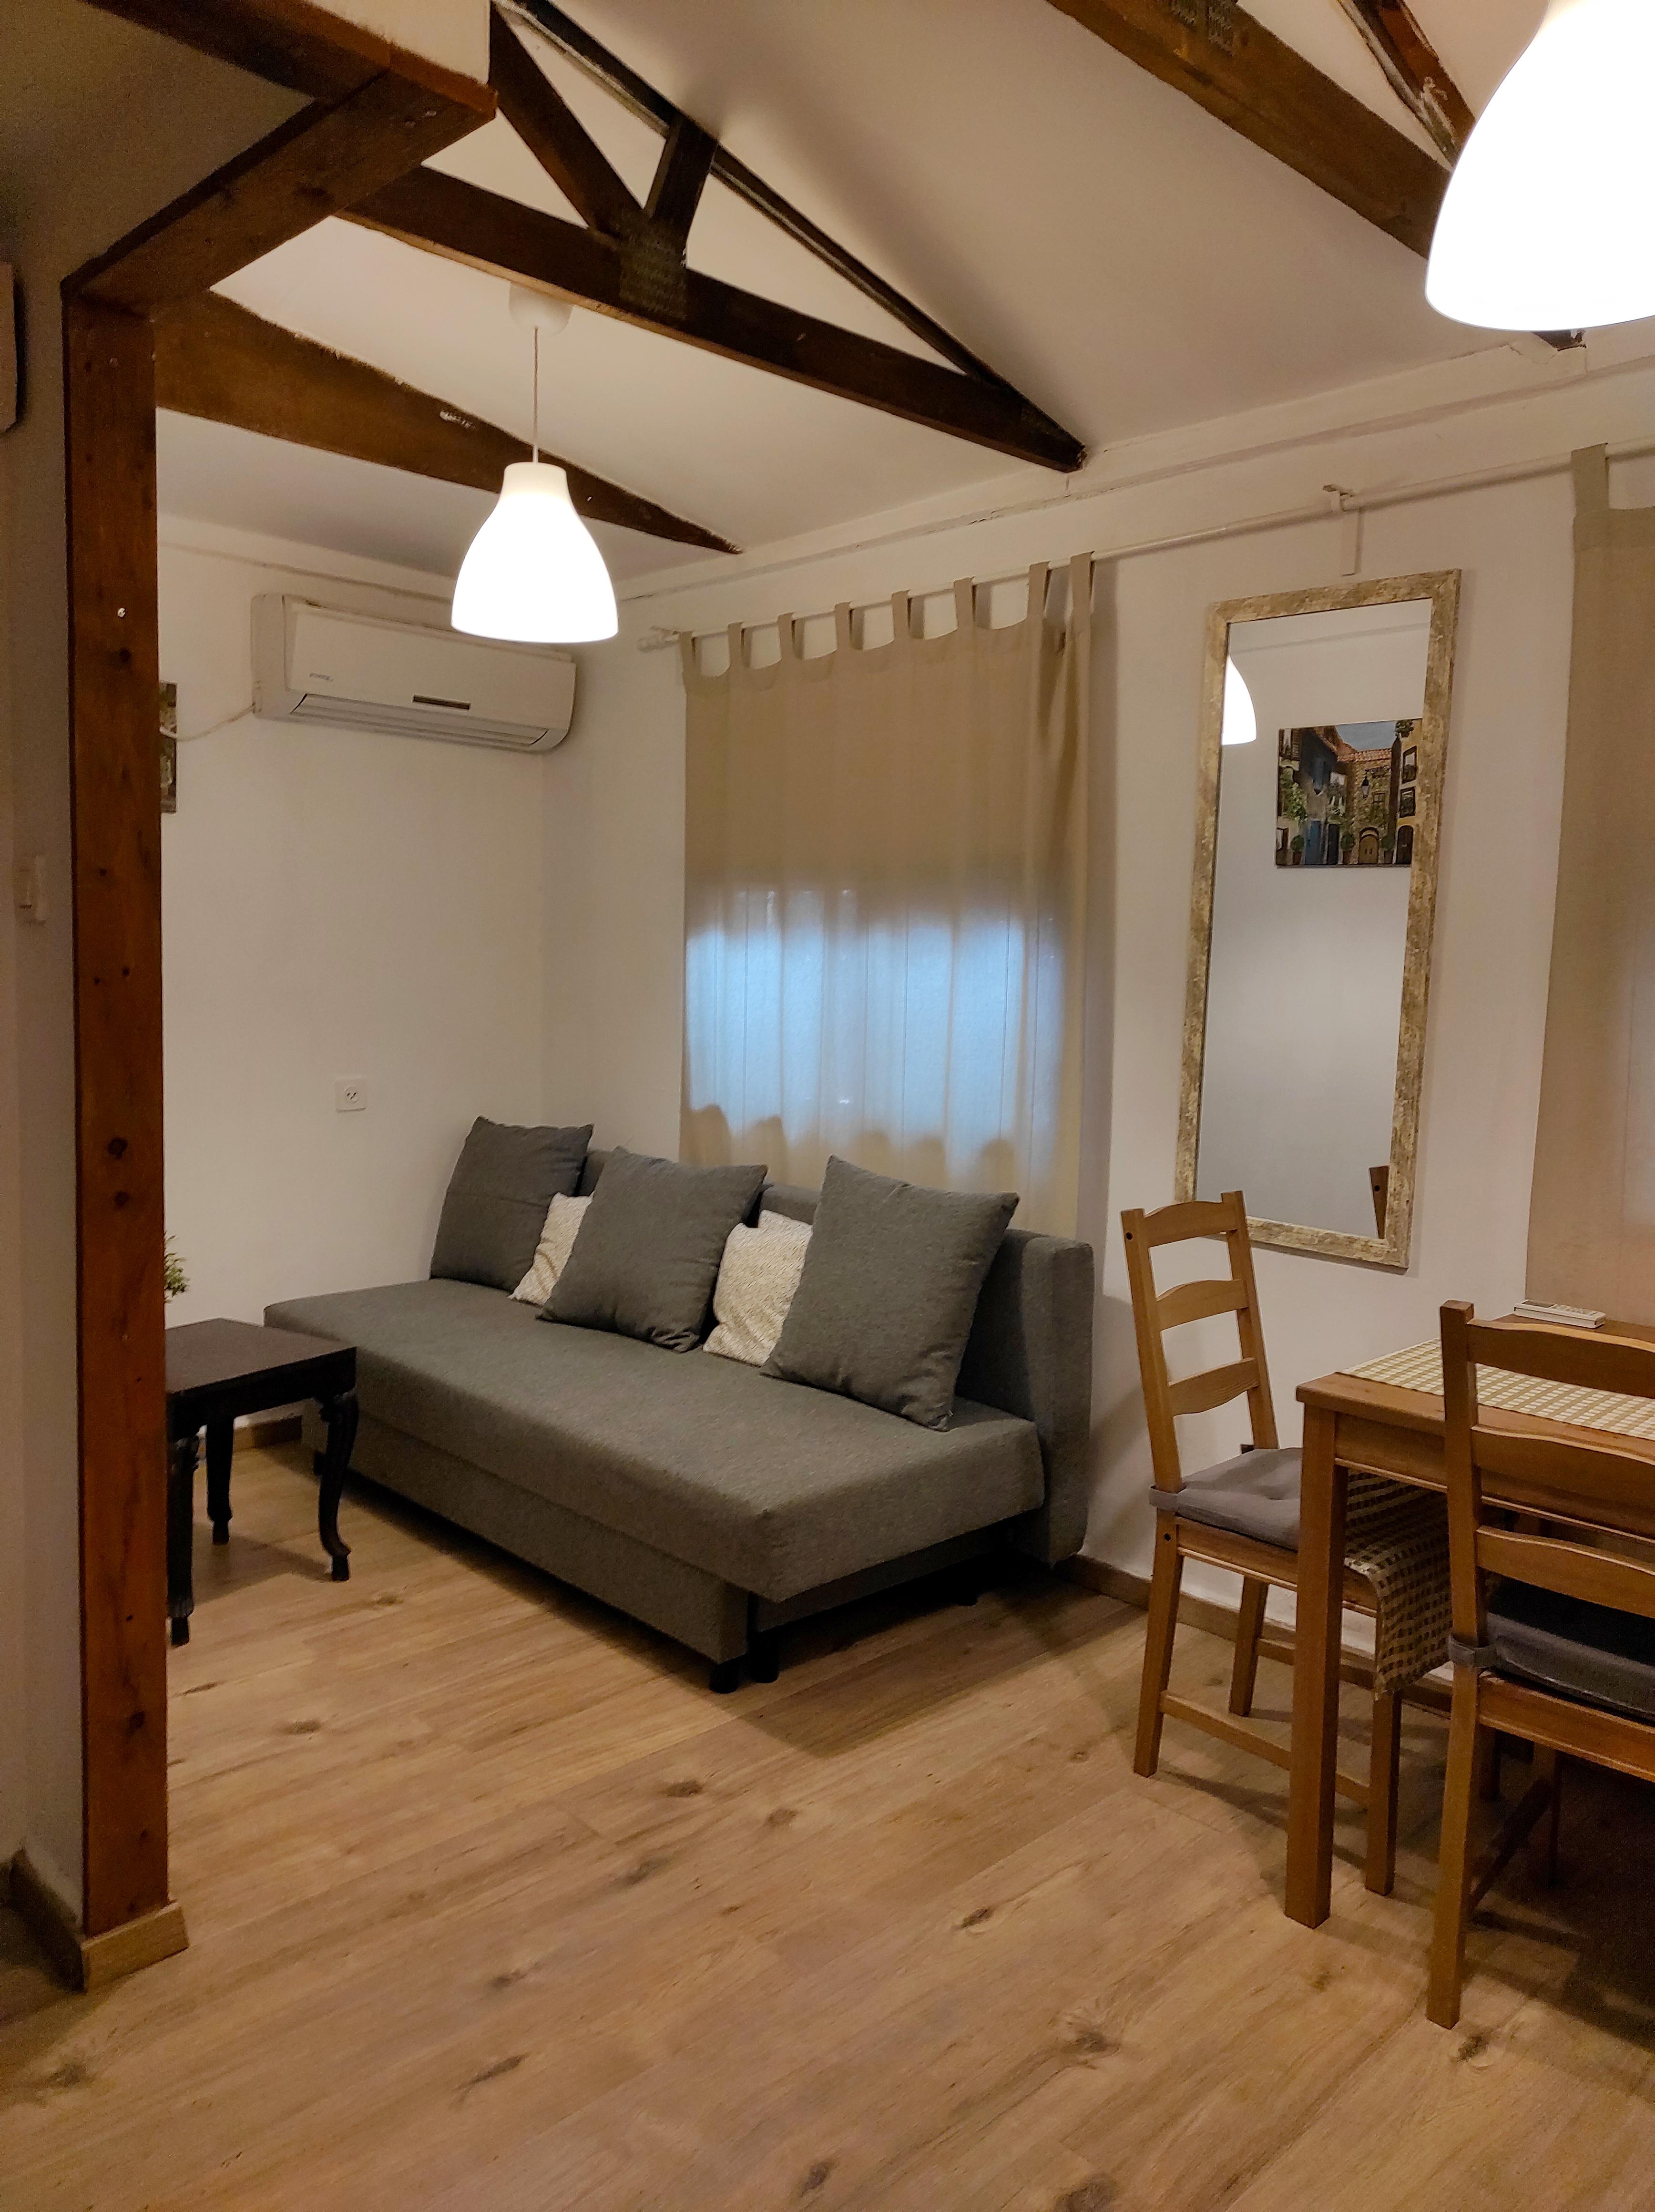 חדר מס' 9 - חדר משפחתי - מלון למזכרת